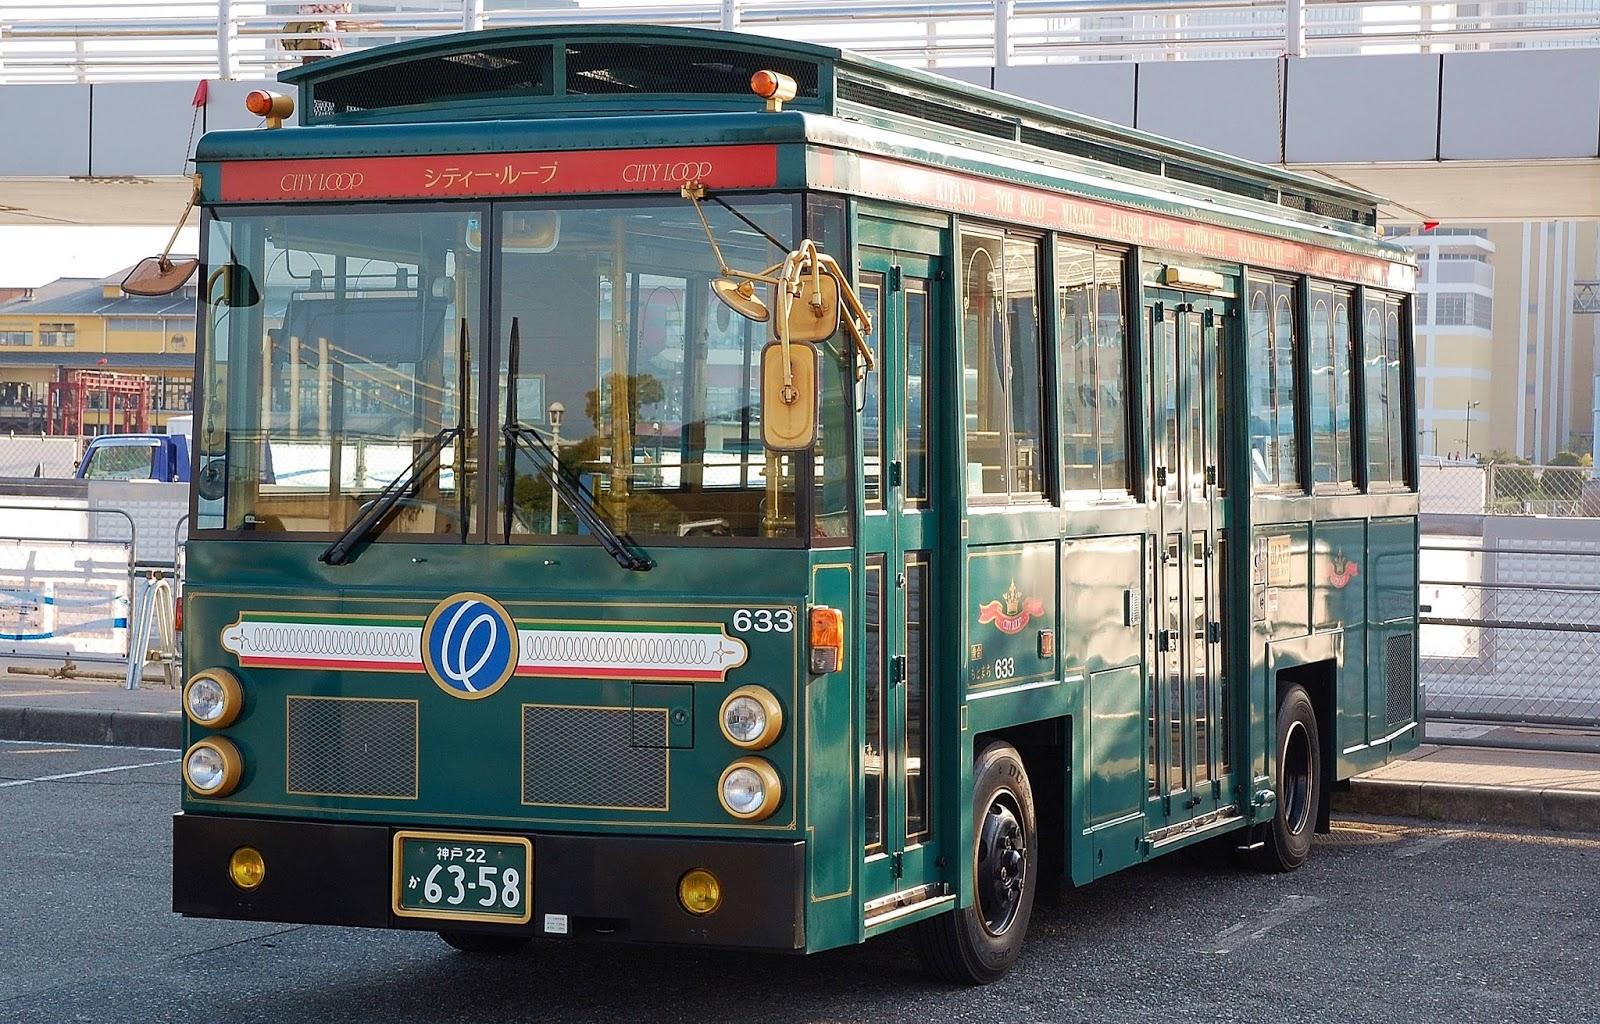 神戶-神戶交通-推薦-優惠券-觀光巴士-cityloop-公車-地鐵-私鐵-JR-關西-日本-自由行-介紹-神戶交通攻略-Kobe-Public-Transport